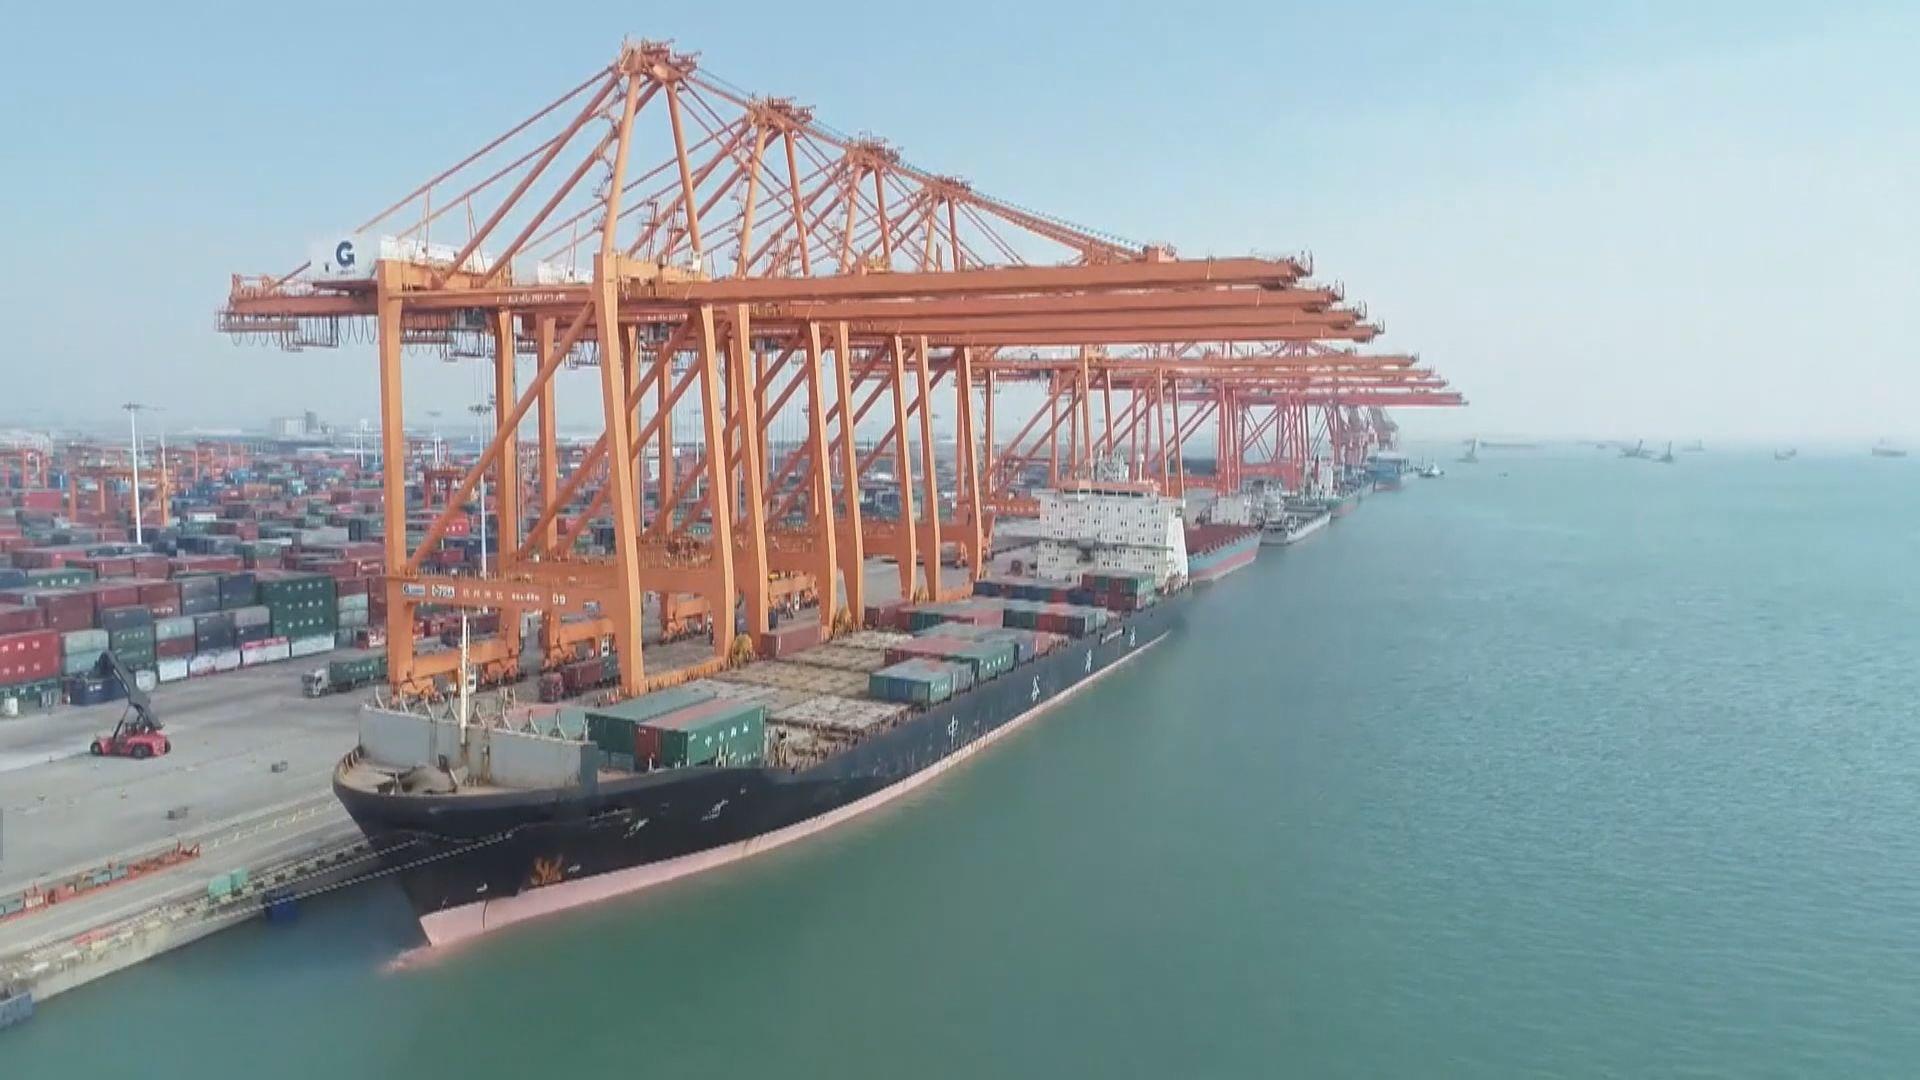 中國對美國79項商品加關稅的寬免期延長至年底